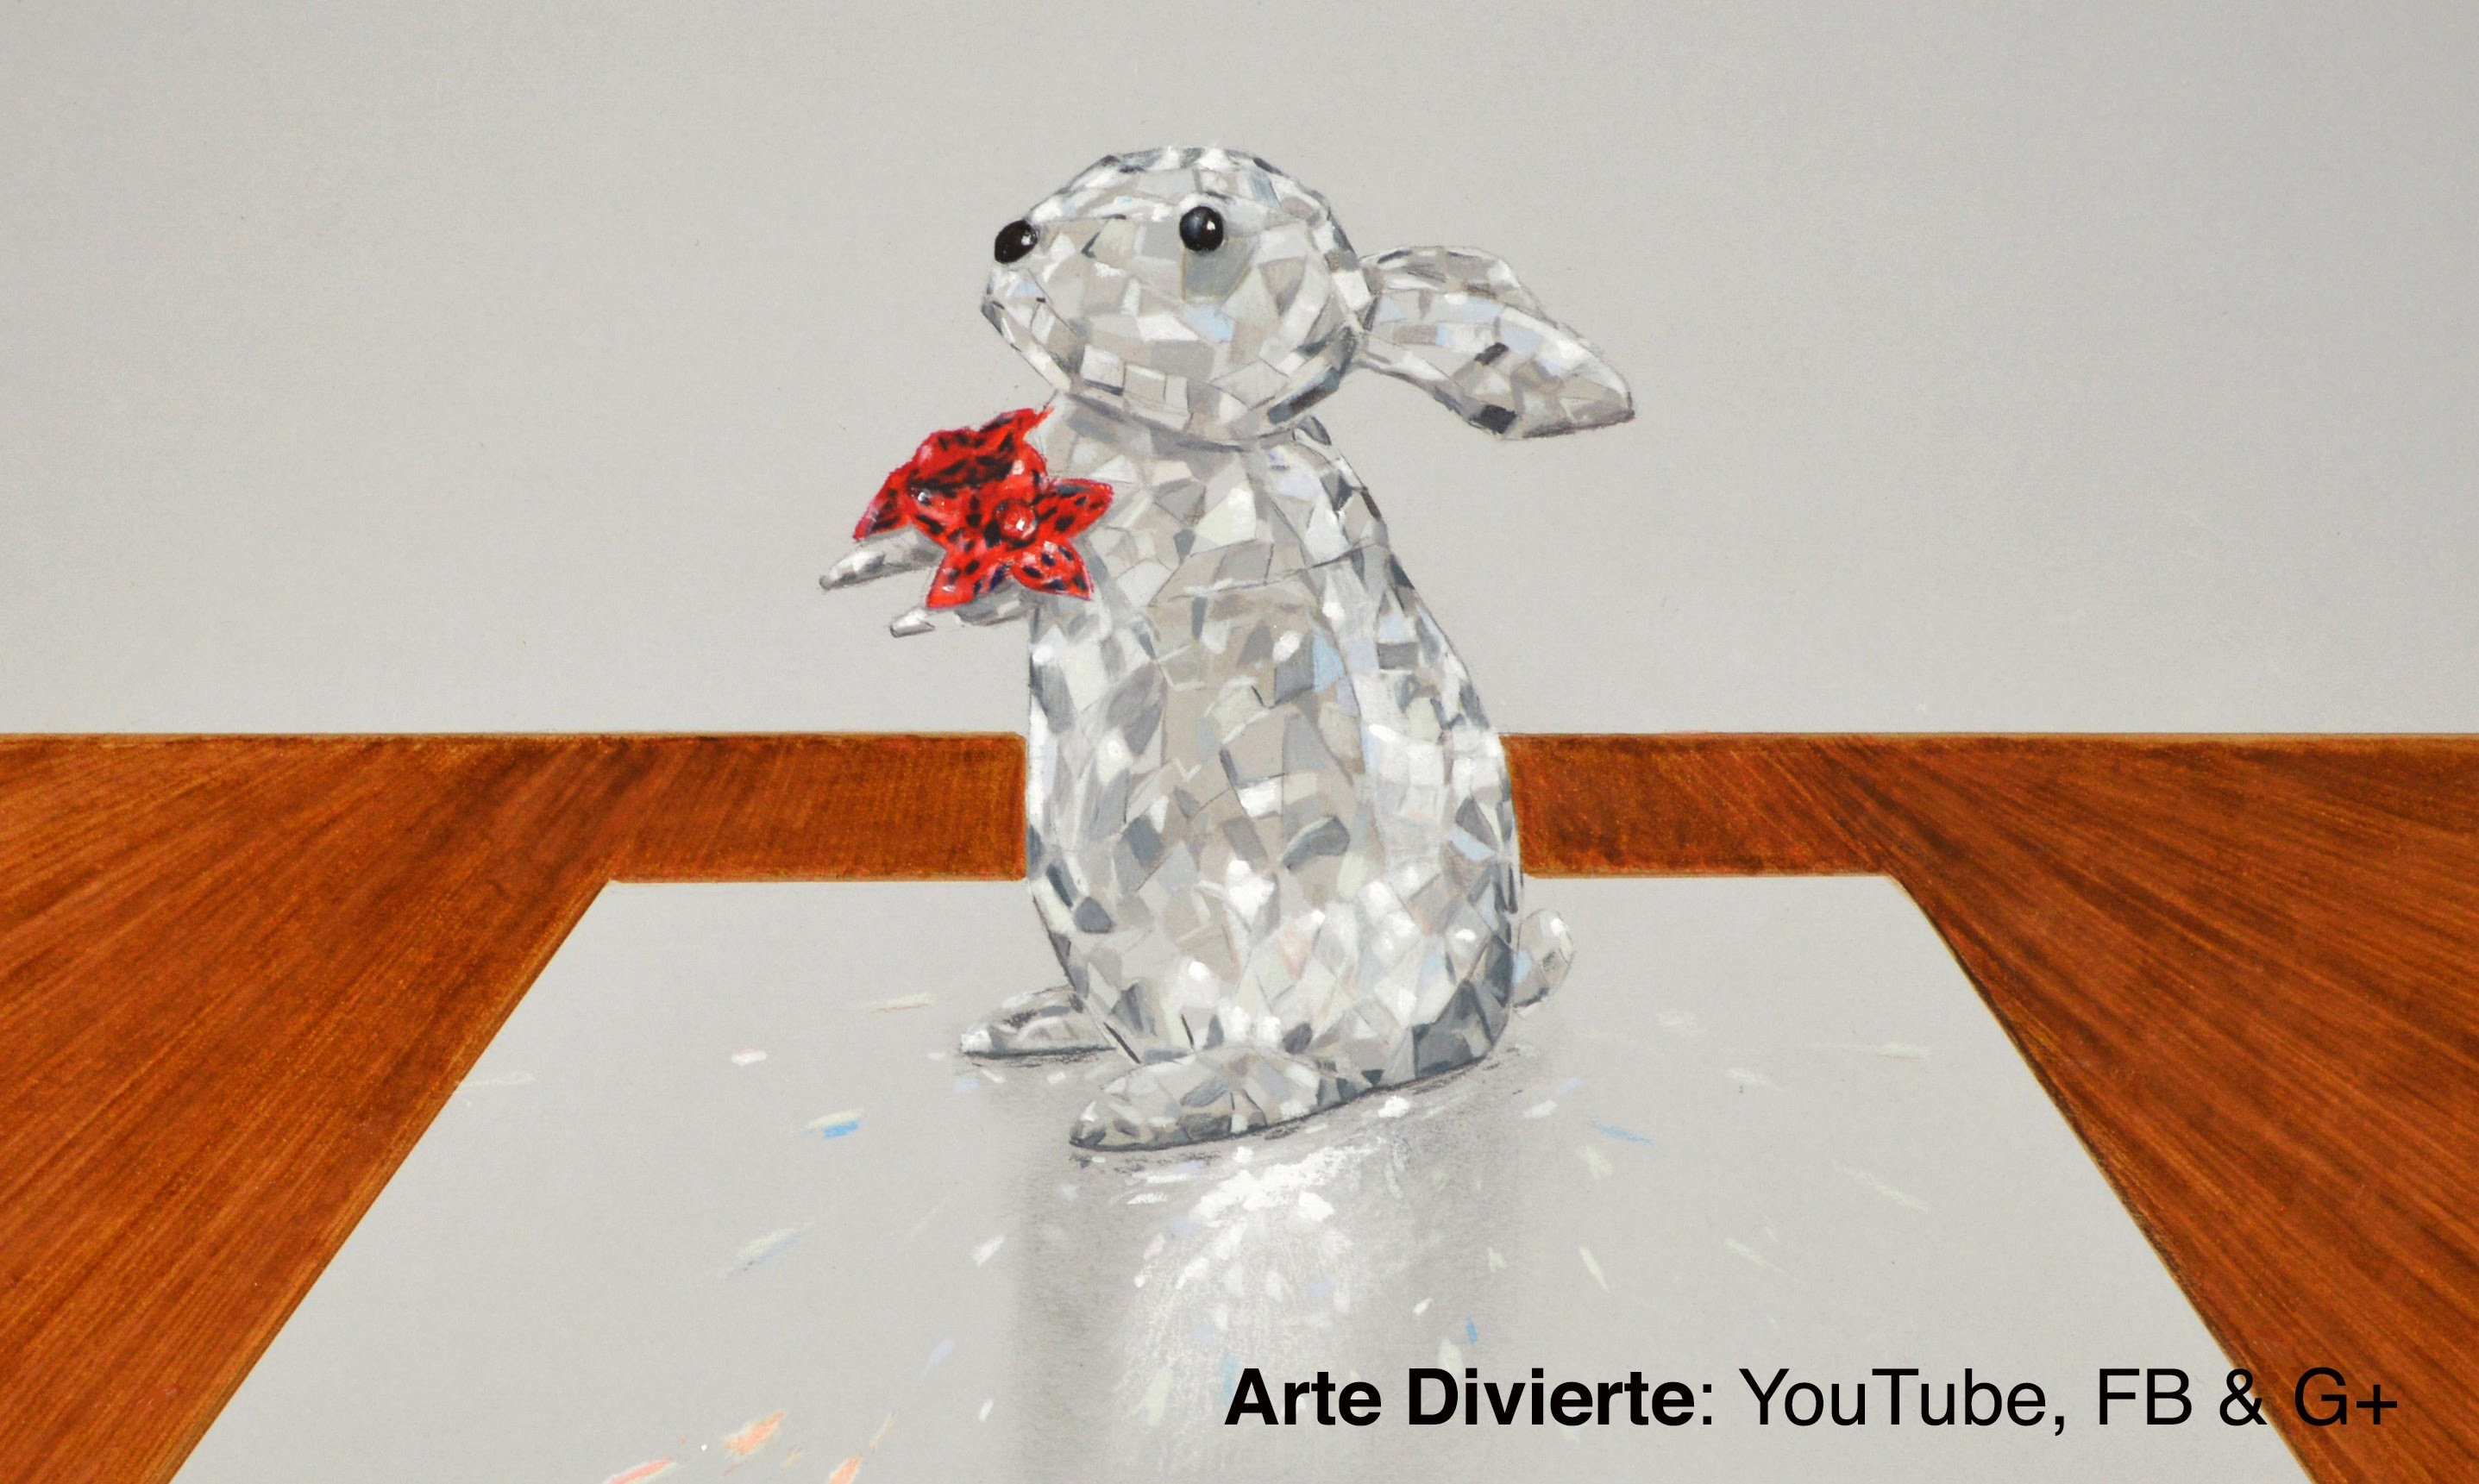 Cómo dibujar un conejo de Crystal Swarovski - Con efecto 3D